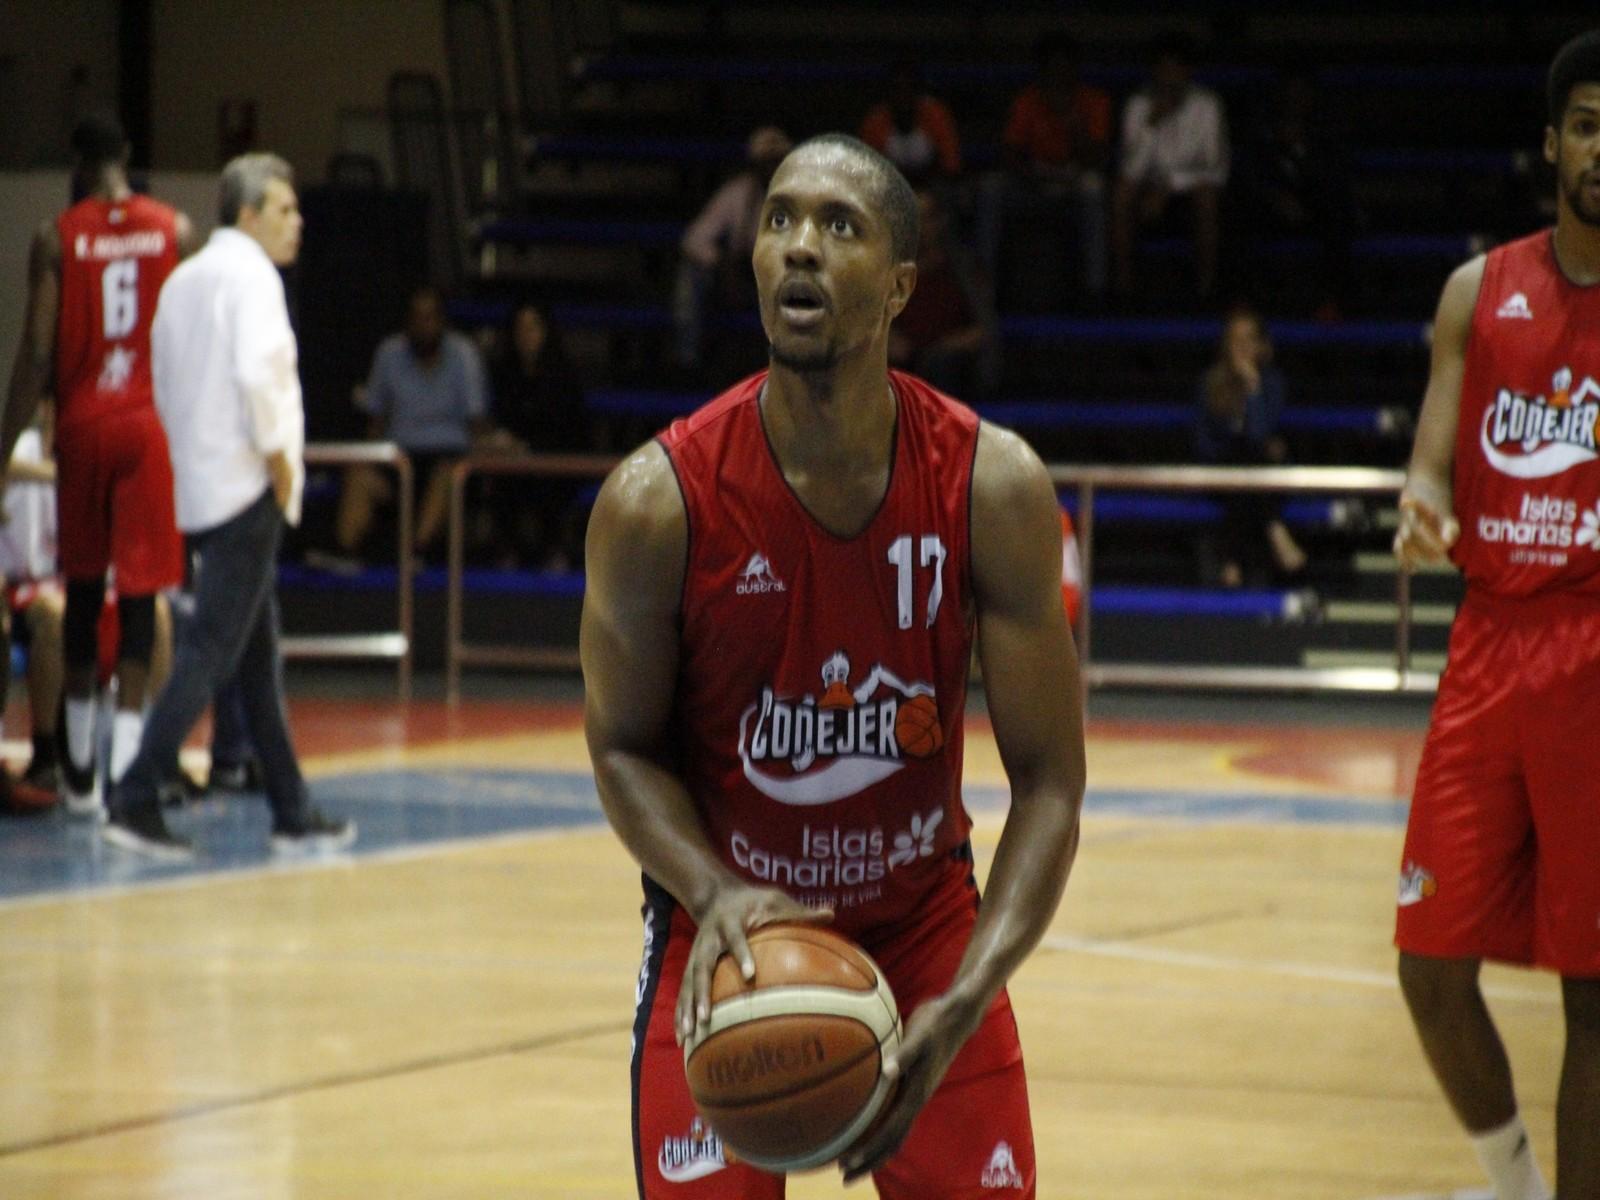 Richard Nguema continuará en el Aloe Plus Lanzarote Conejero